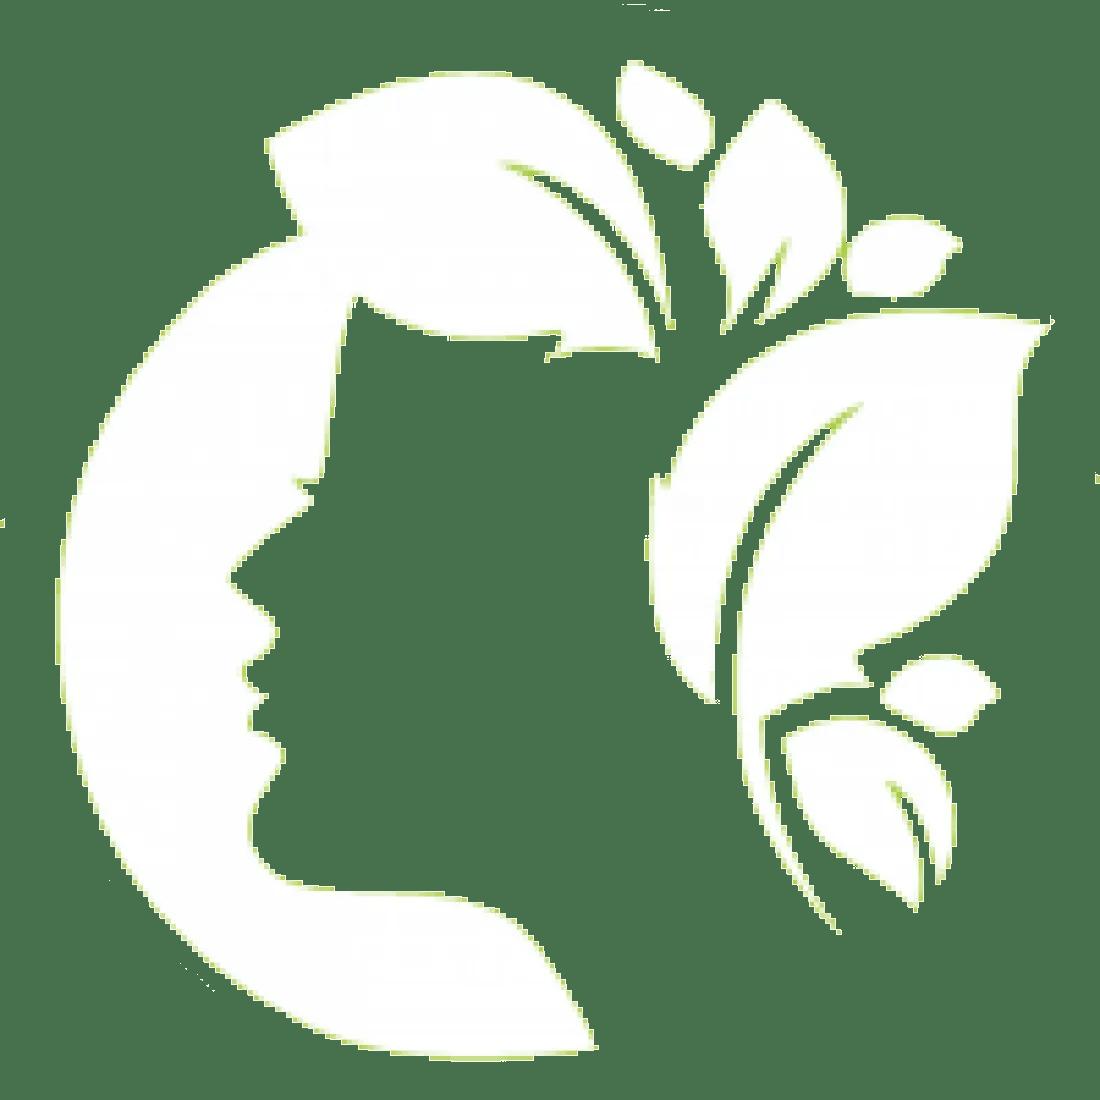 নকশীকন্যা